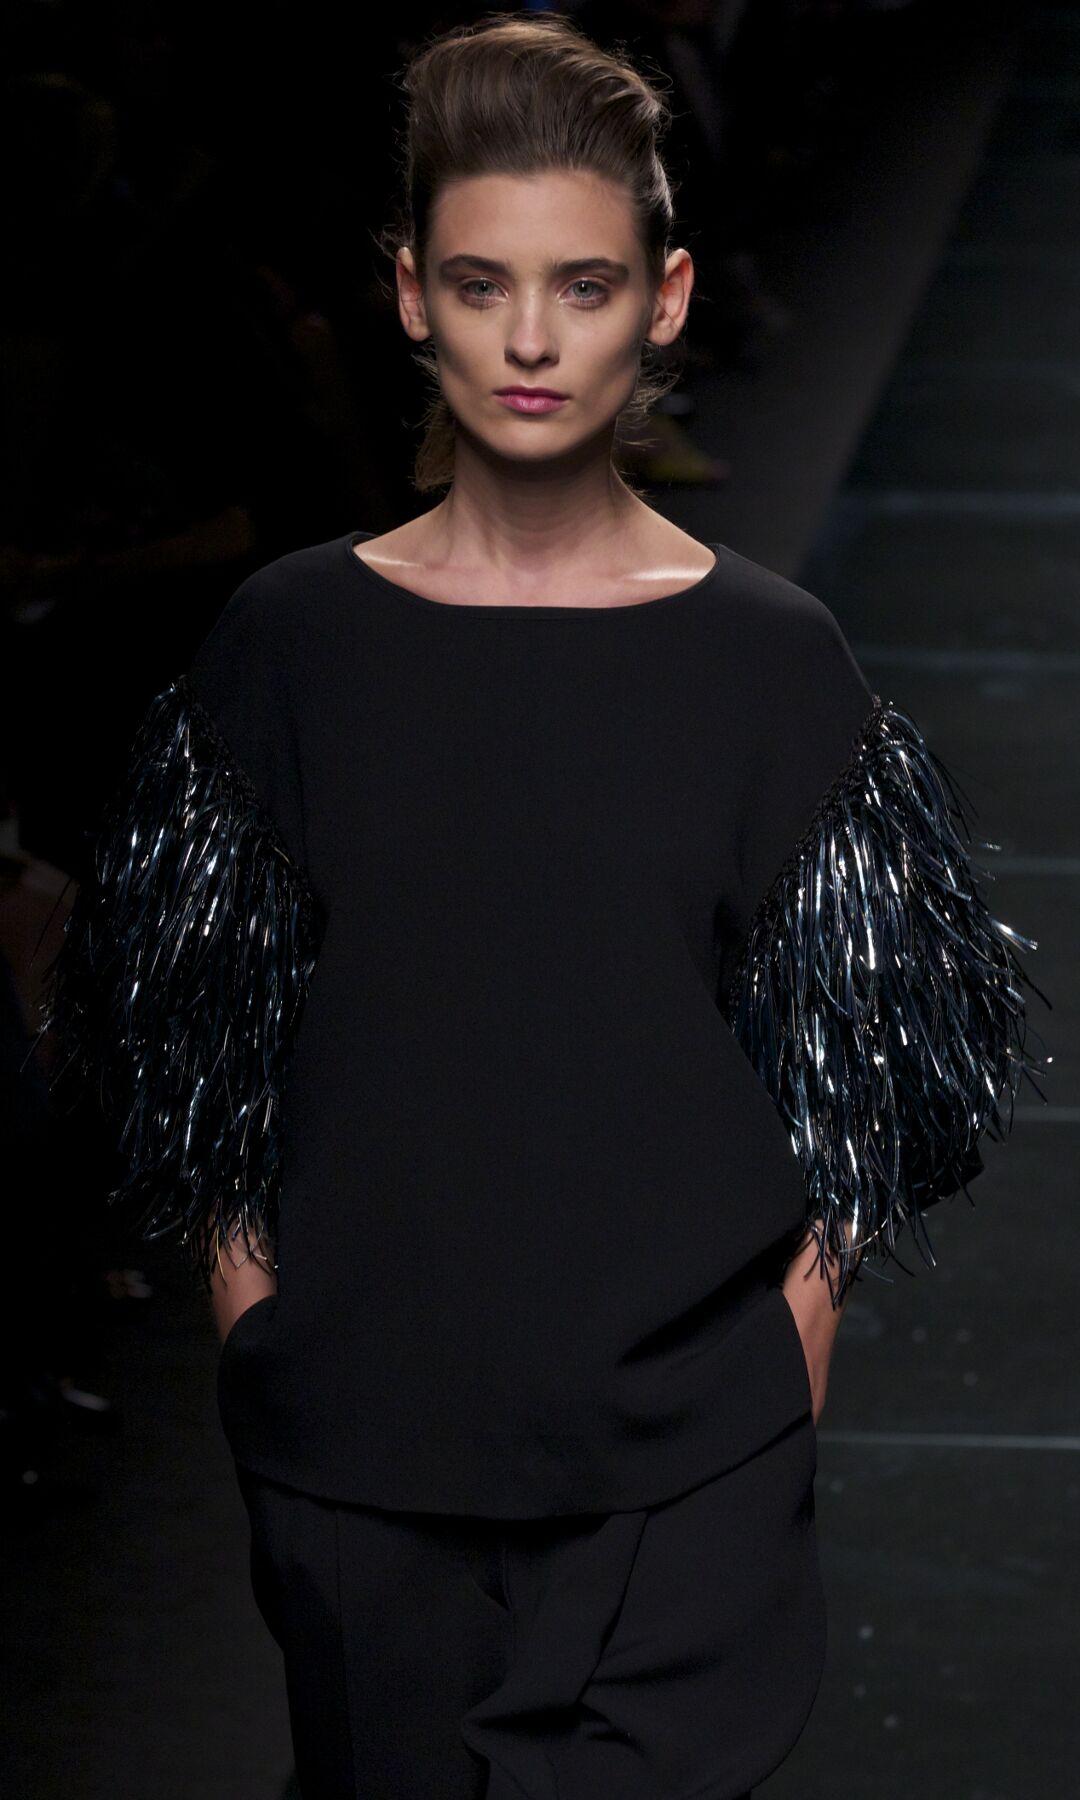 Anteprima Spring Summer 2014 Womens Collection Milan Fashion Week